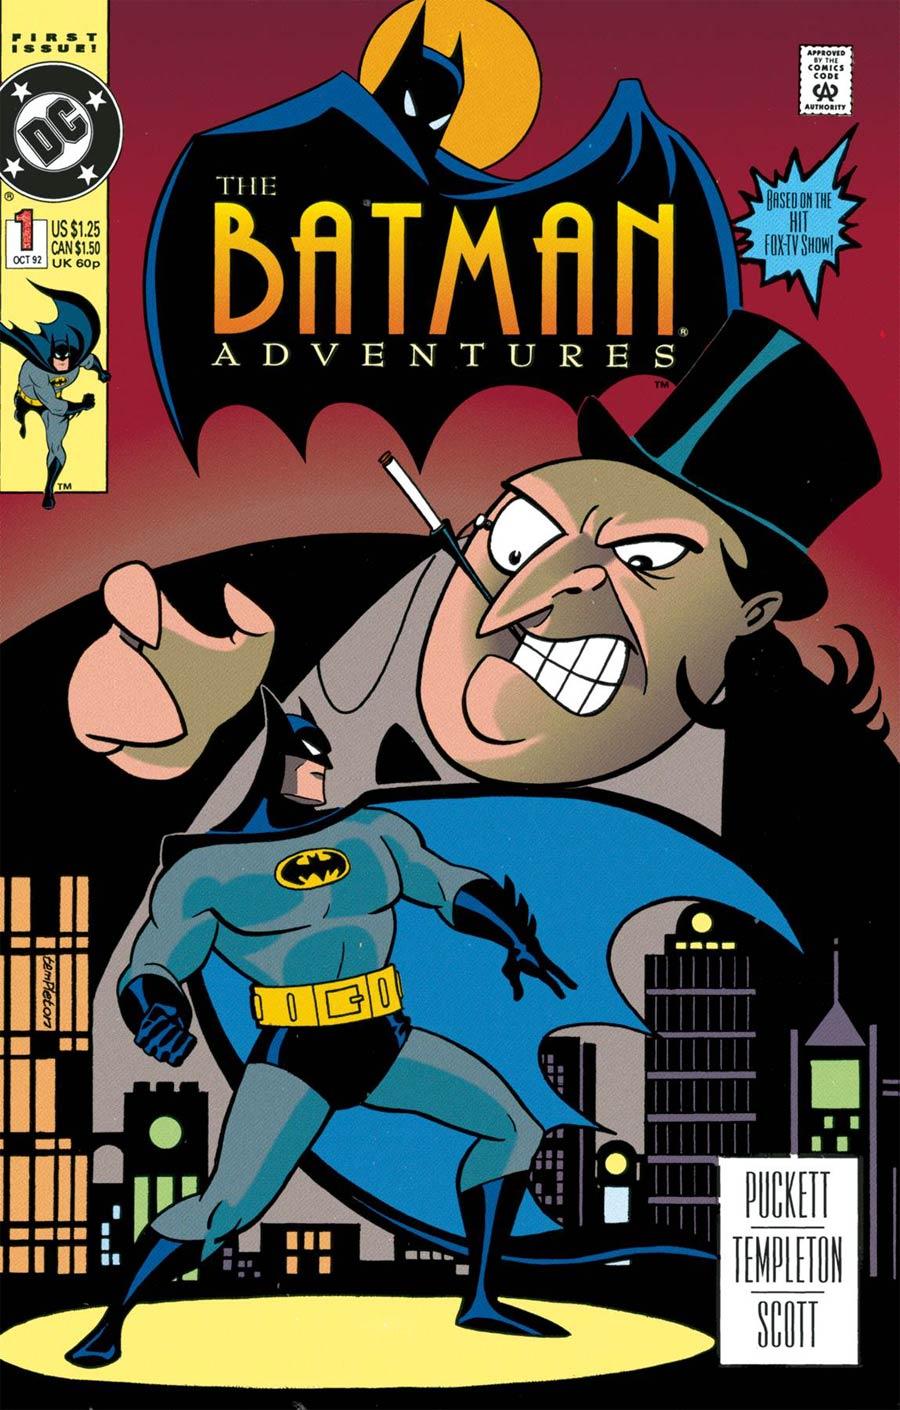 DC Classics Batman Adventures #1